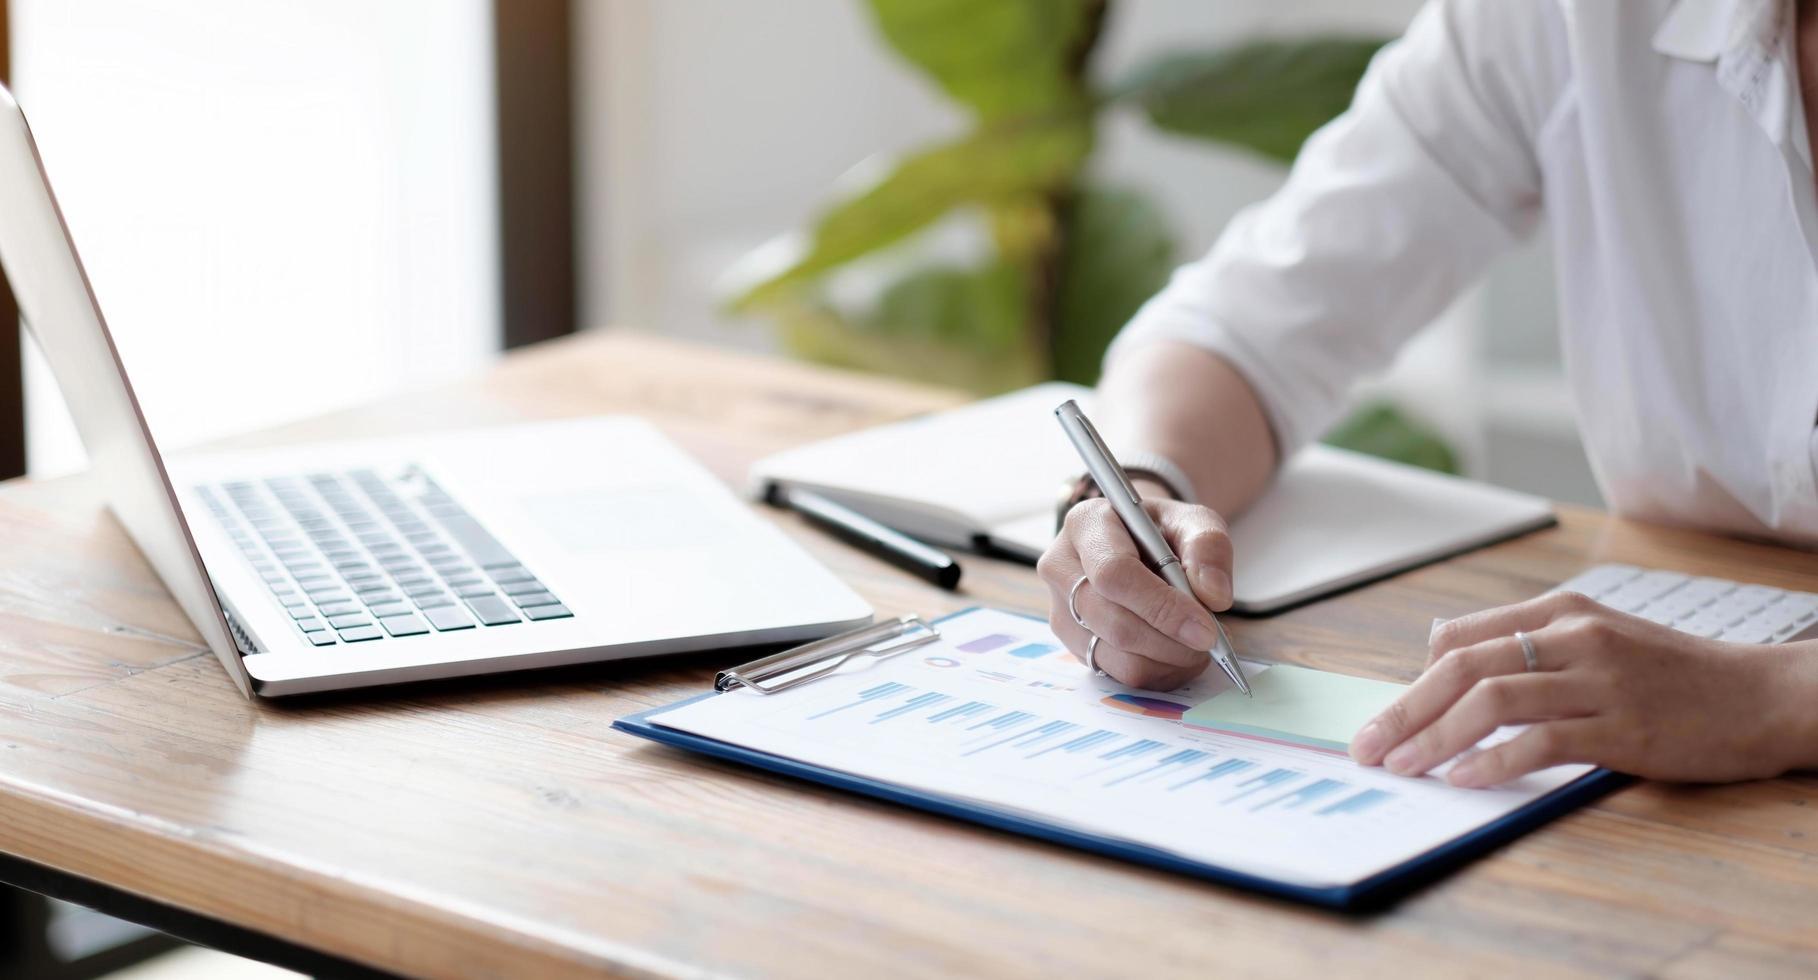 close-up, een accountant of bedrijfseigenaar schrijft op plaknotities, maakt aantekeningen op postnotities, werkt aan financiële rapporten en berekent bedrijfsbudgetten foto